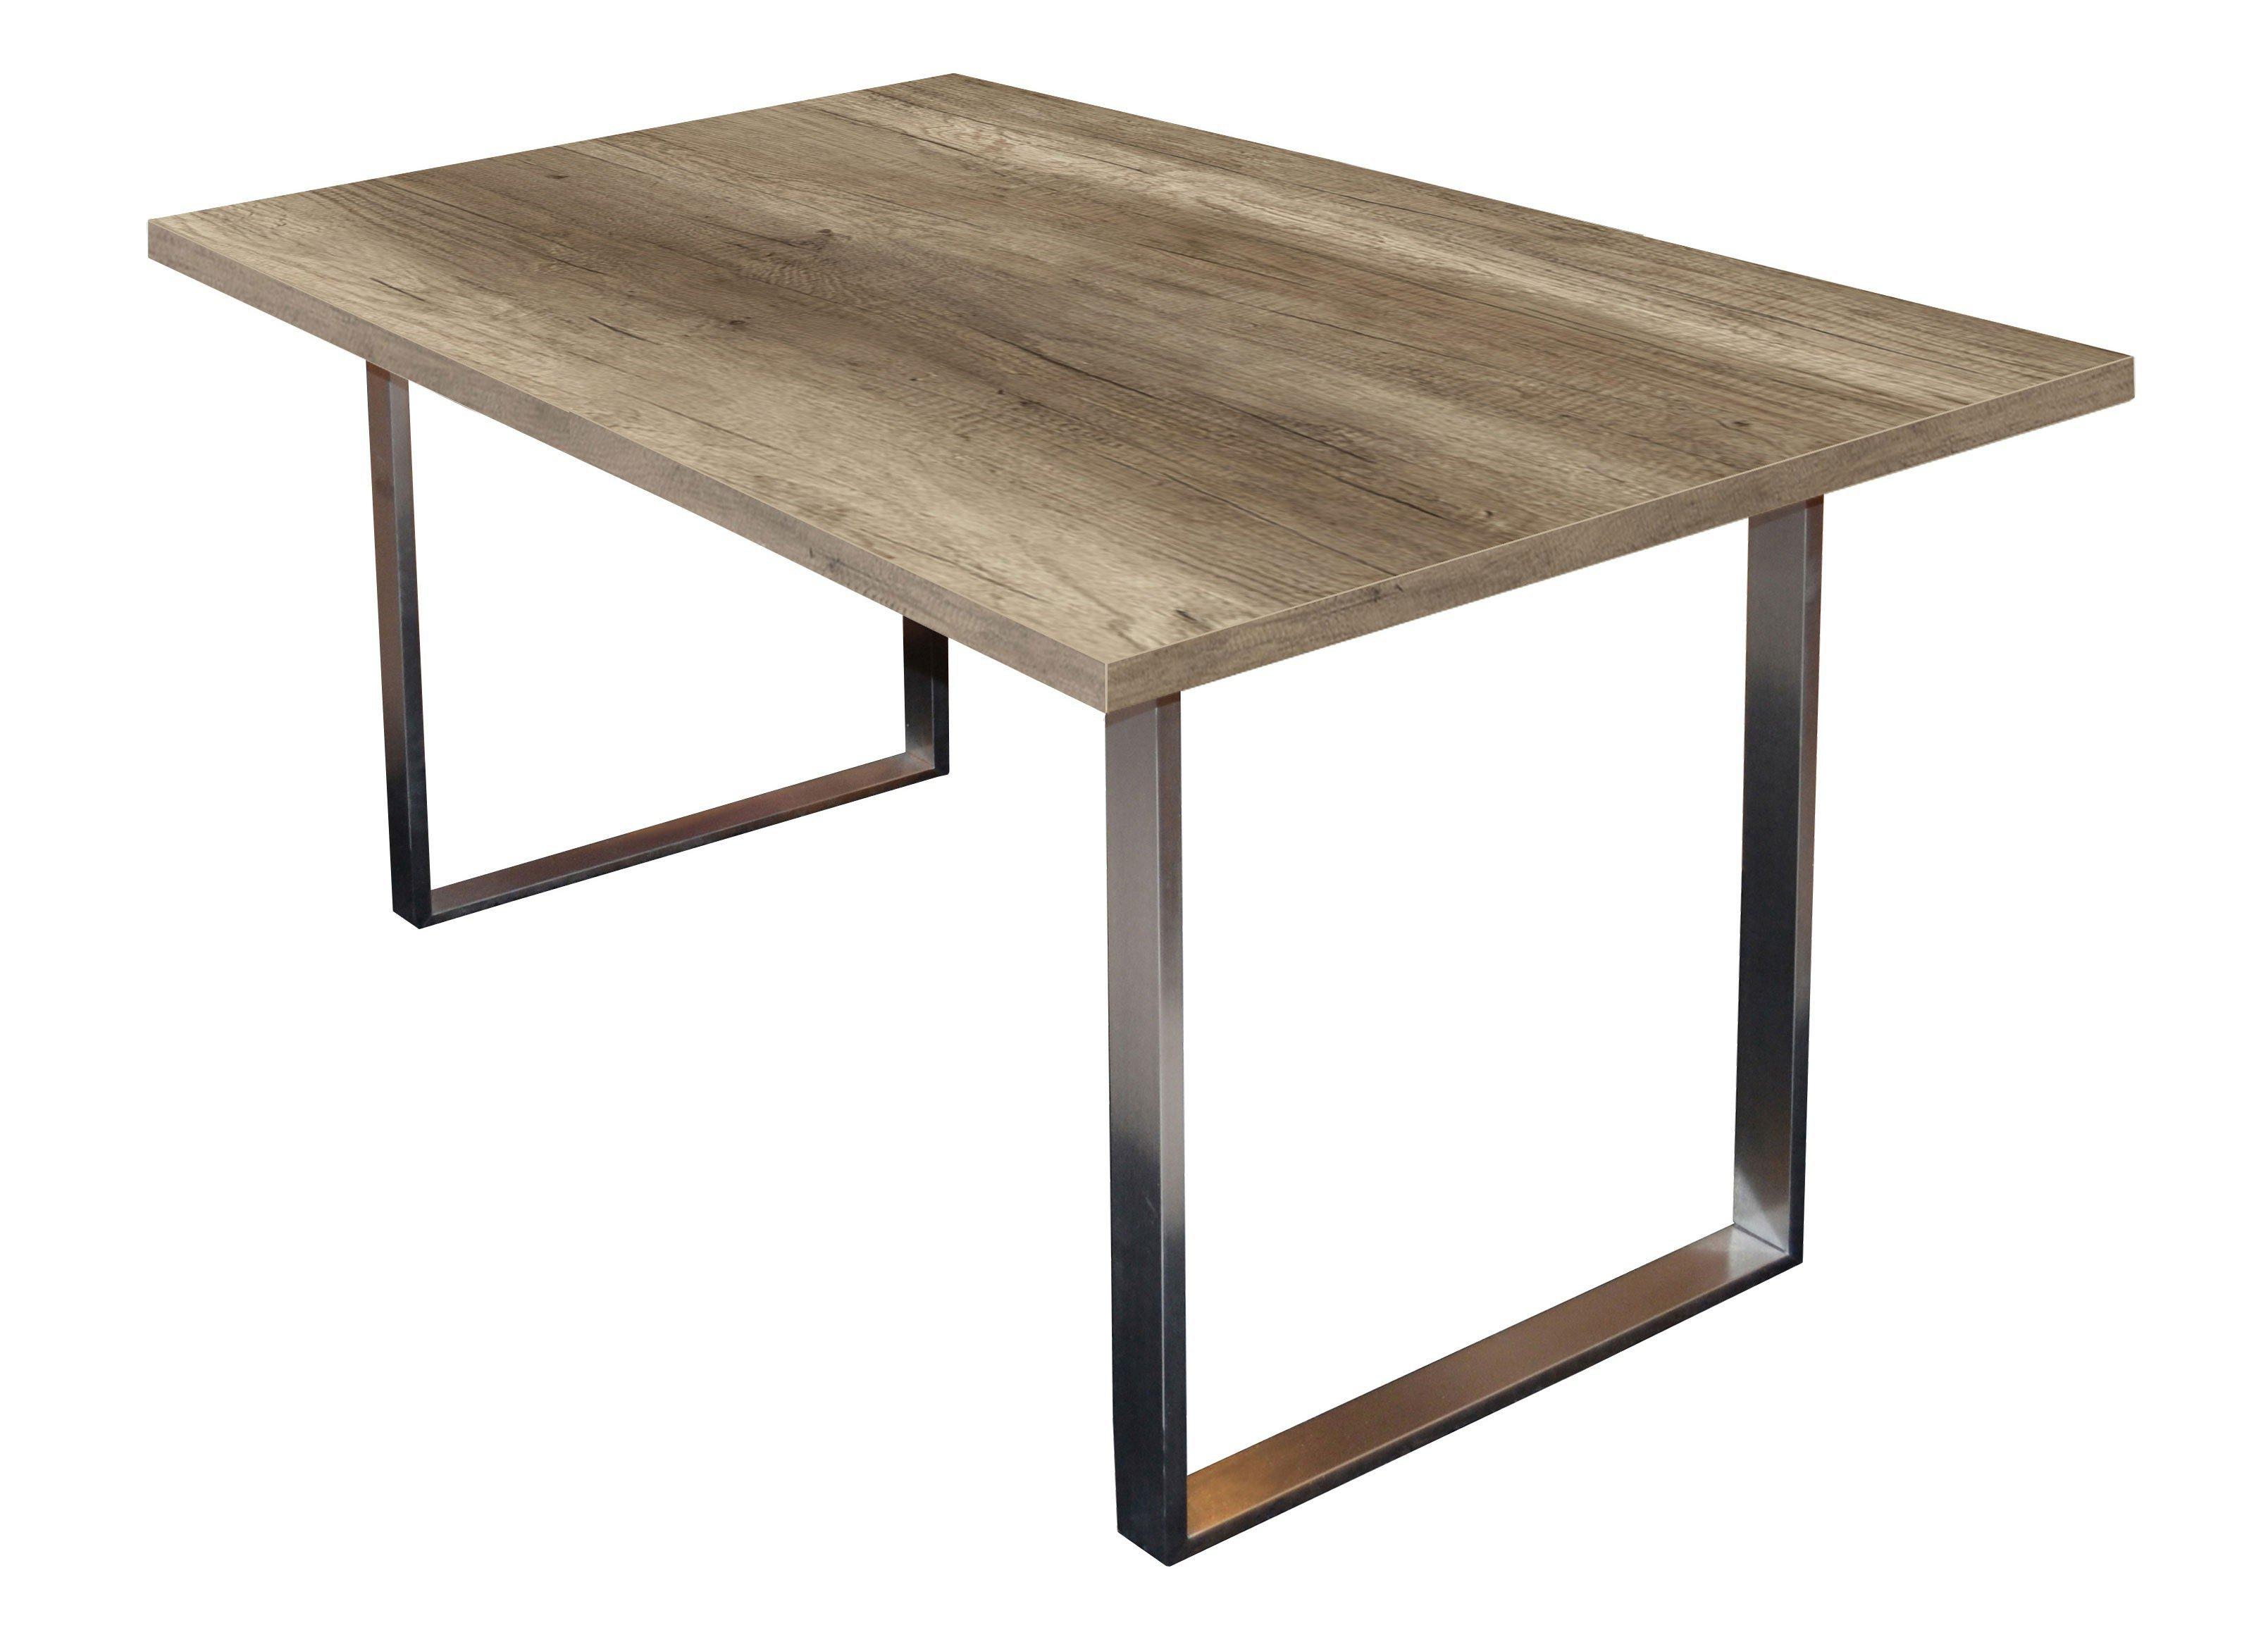 m usbacher steel esstisch wildeiche tr ffel m bel letz. Black Bedroom Furniture Sets. Home Design Ideas